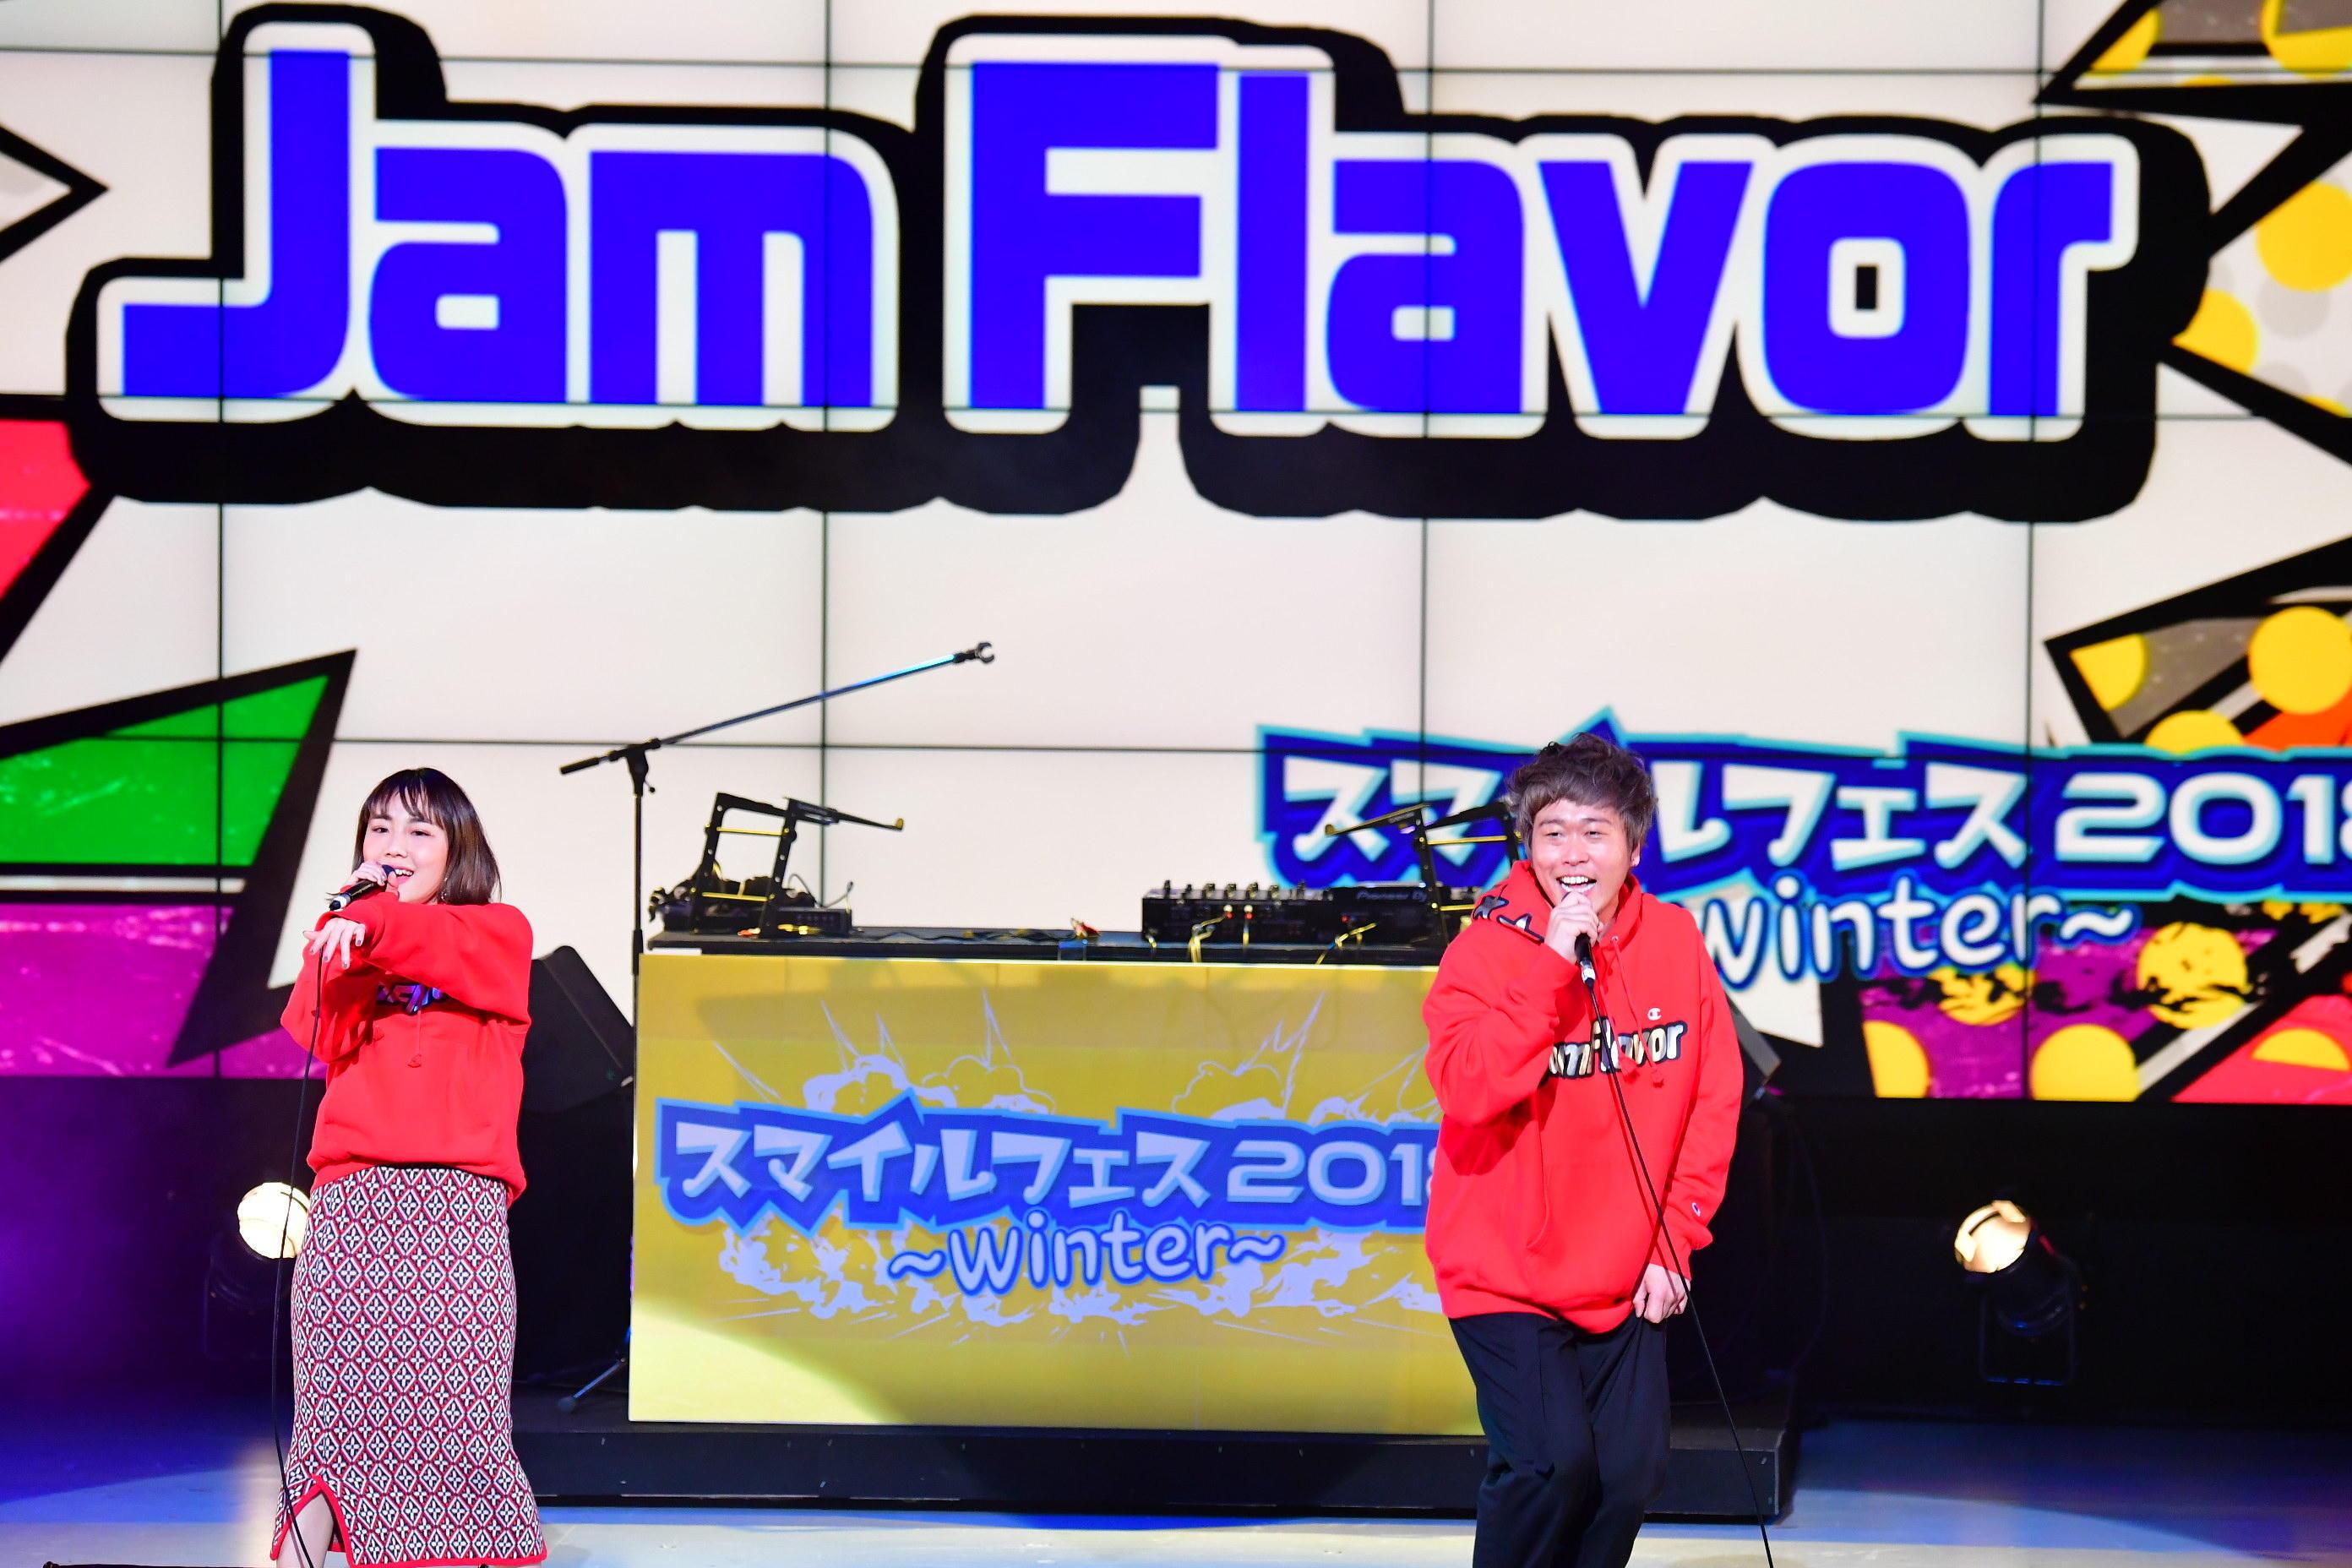 http://news.yoshimoto.co.jp/20180119011306-4e9b373c45ef180a52f5a45093d70abf9ff9c2ba.jpg